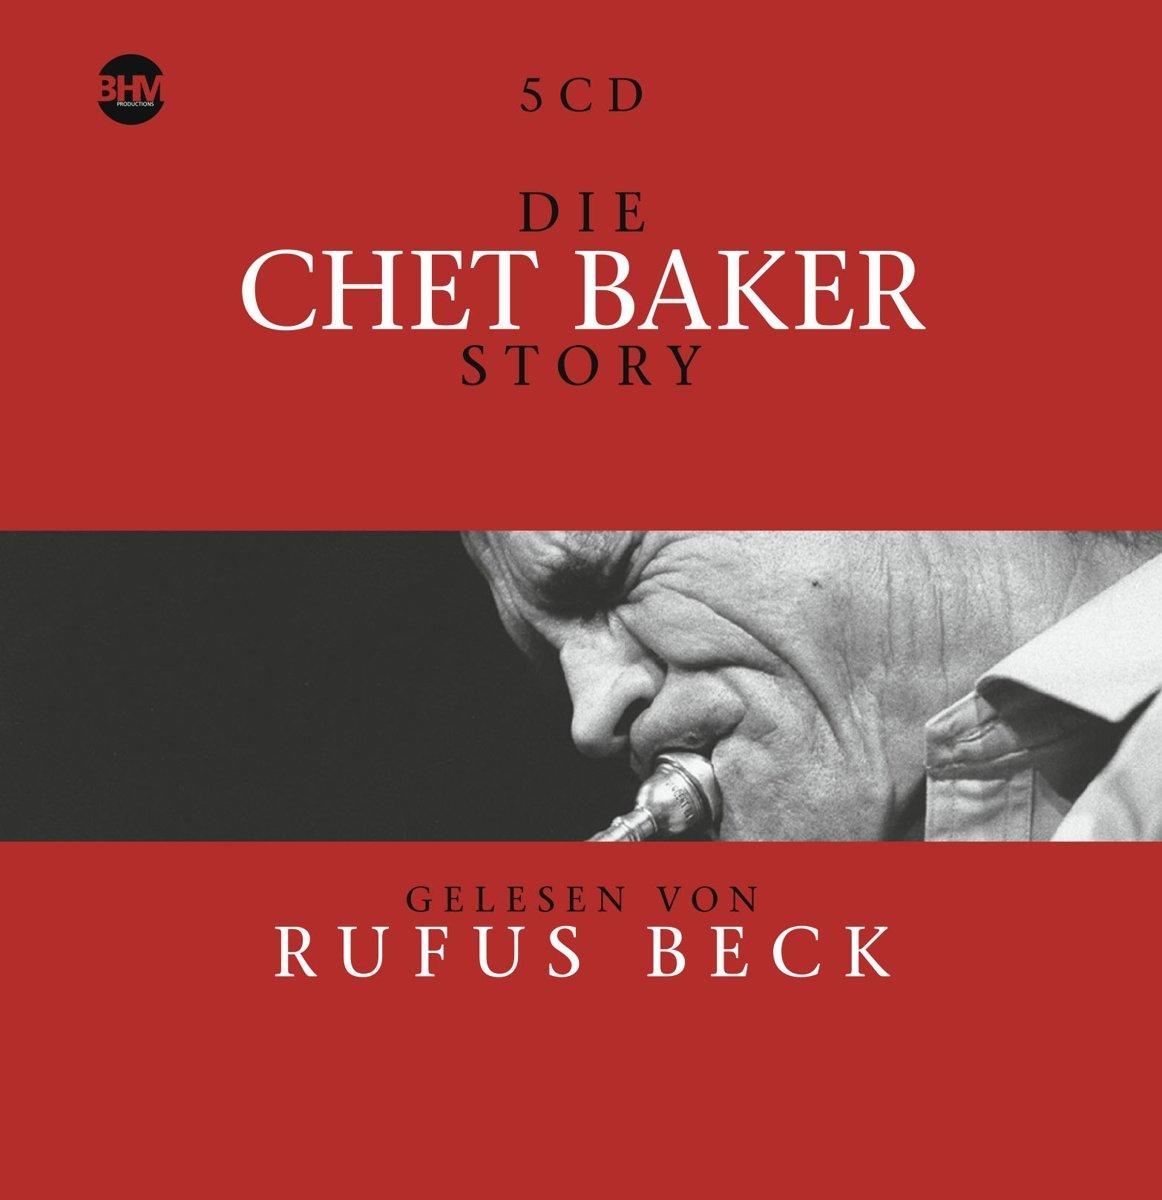 Чет Бейкер,Руфус Бекк Chet Baker, Rufus Beck. Chet Baker Story Musik (5 CD) чет бейкер strings chet baker